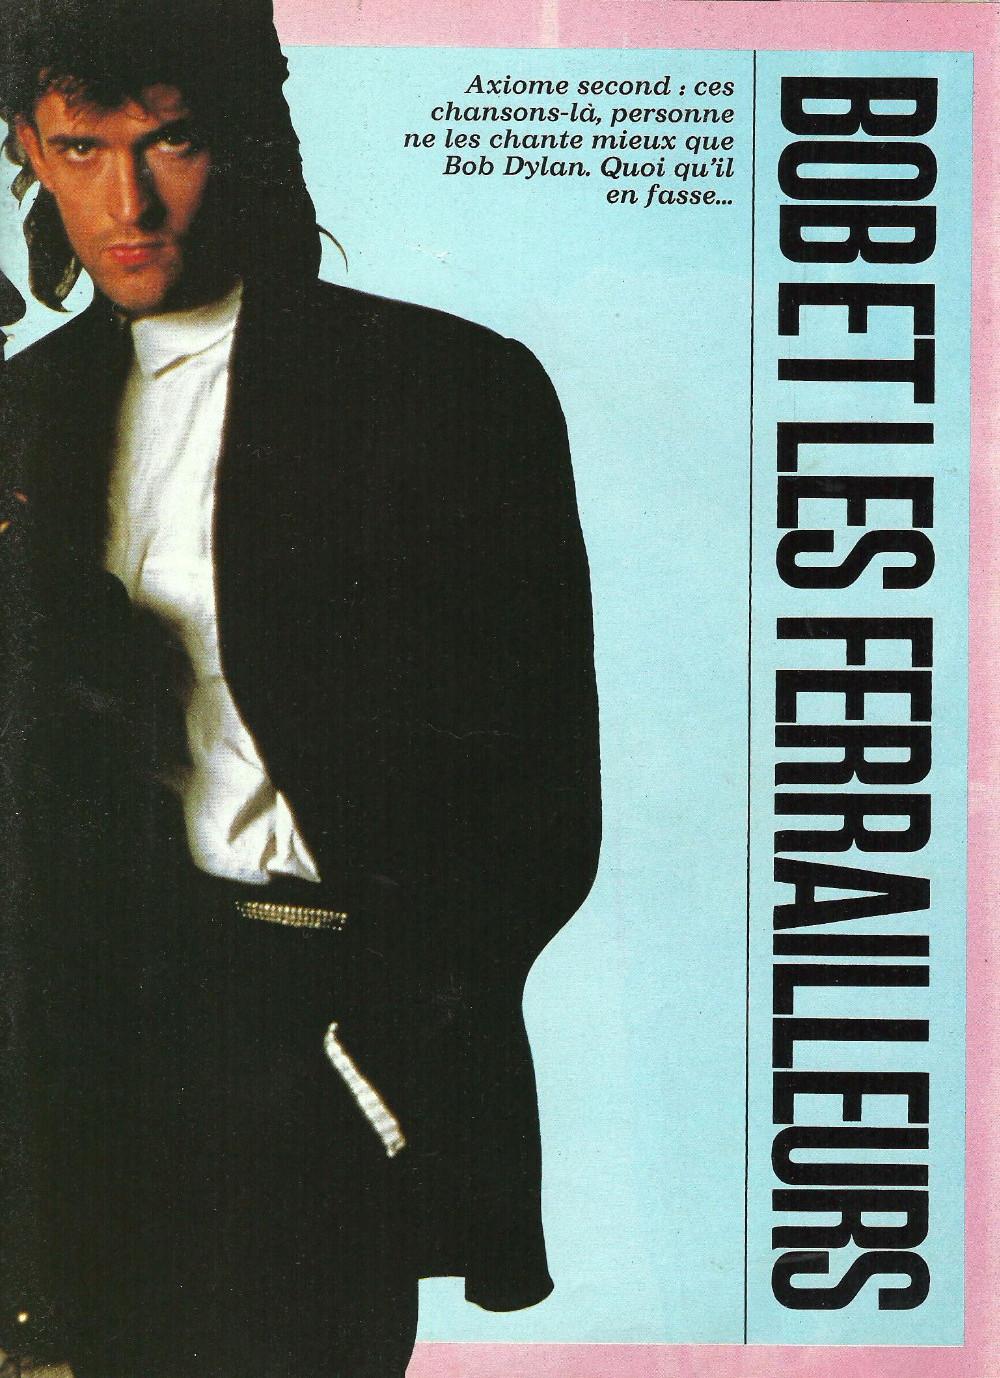 """BOB DYLAN, TOM PETTY & THE HEARTBREAKERS par LAURENT CHALUMEAU 1987 (""""Rock Folk"""") 16112708470320773814663434"""